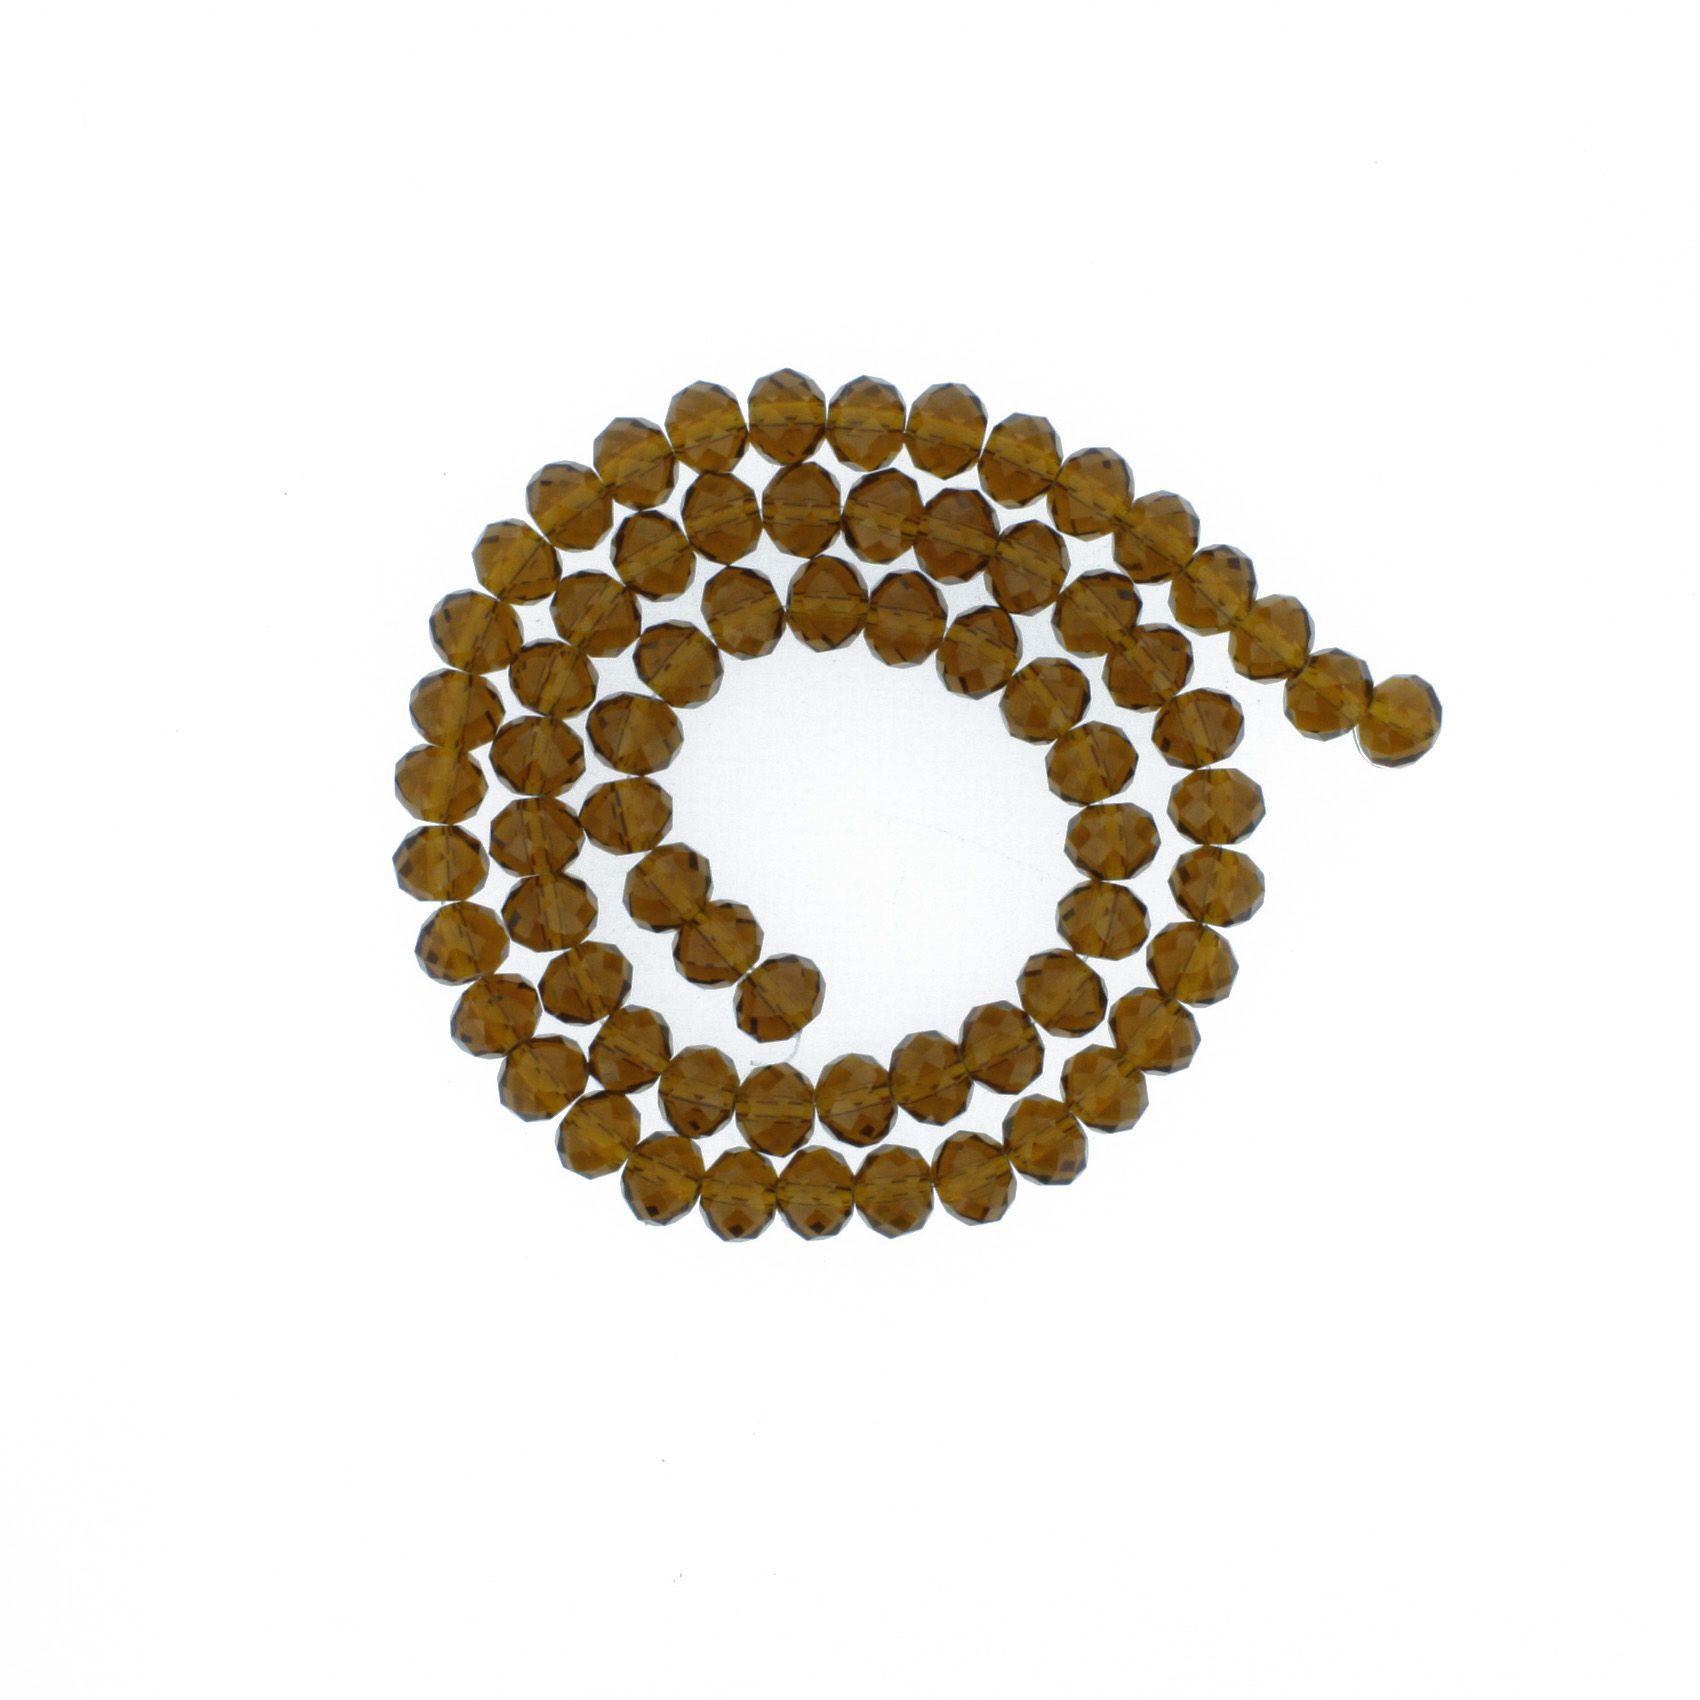 Fio de Cristal - Flat® - Marrom Transparente - 8mm  - Stéphanie Bijoux® - Peças para Bijuterias e Artesanato